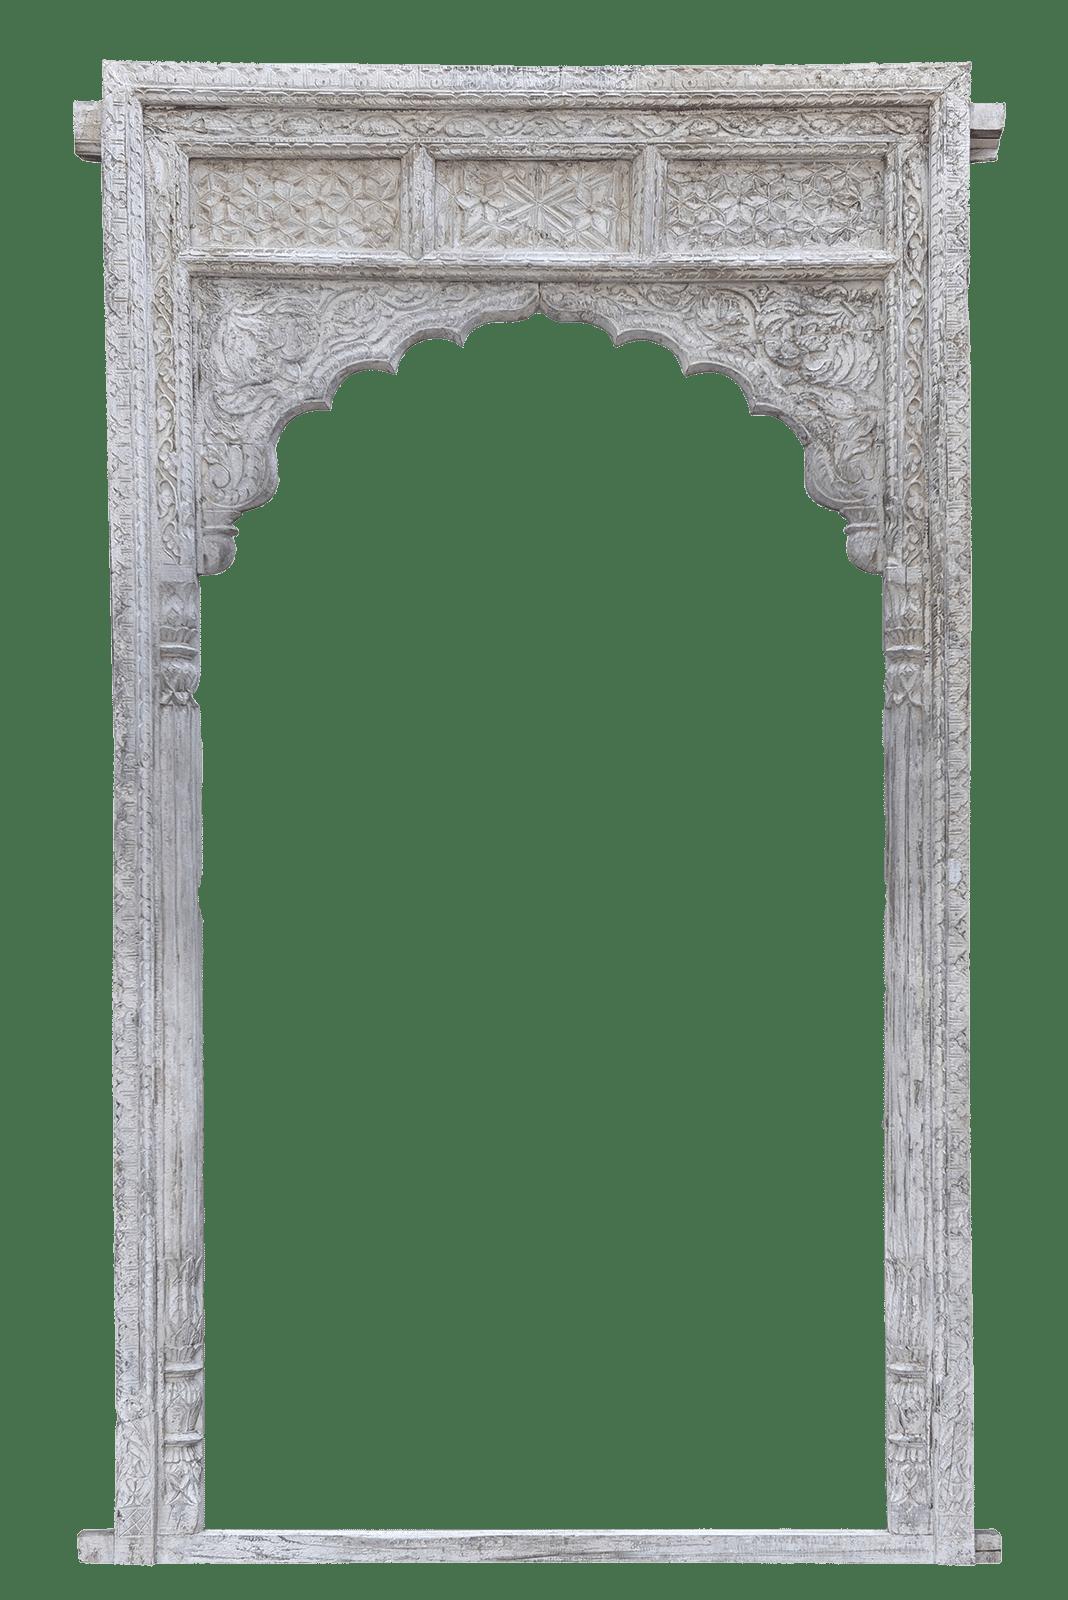 oude-spiegel-oud-paneel-uit-india-oosterse-meubelen-indiase-meubels-beige-koreman-maastricht